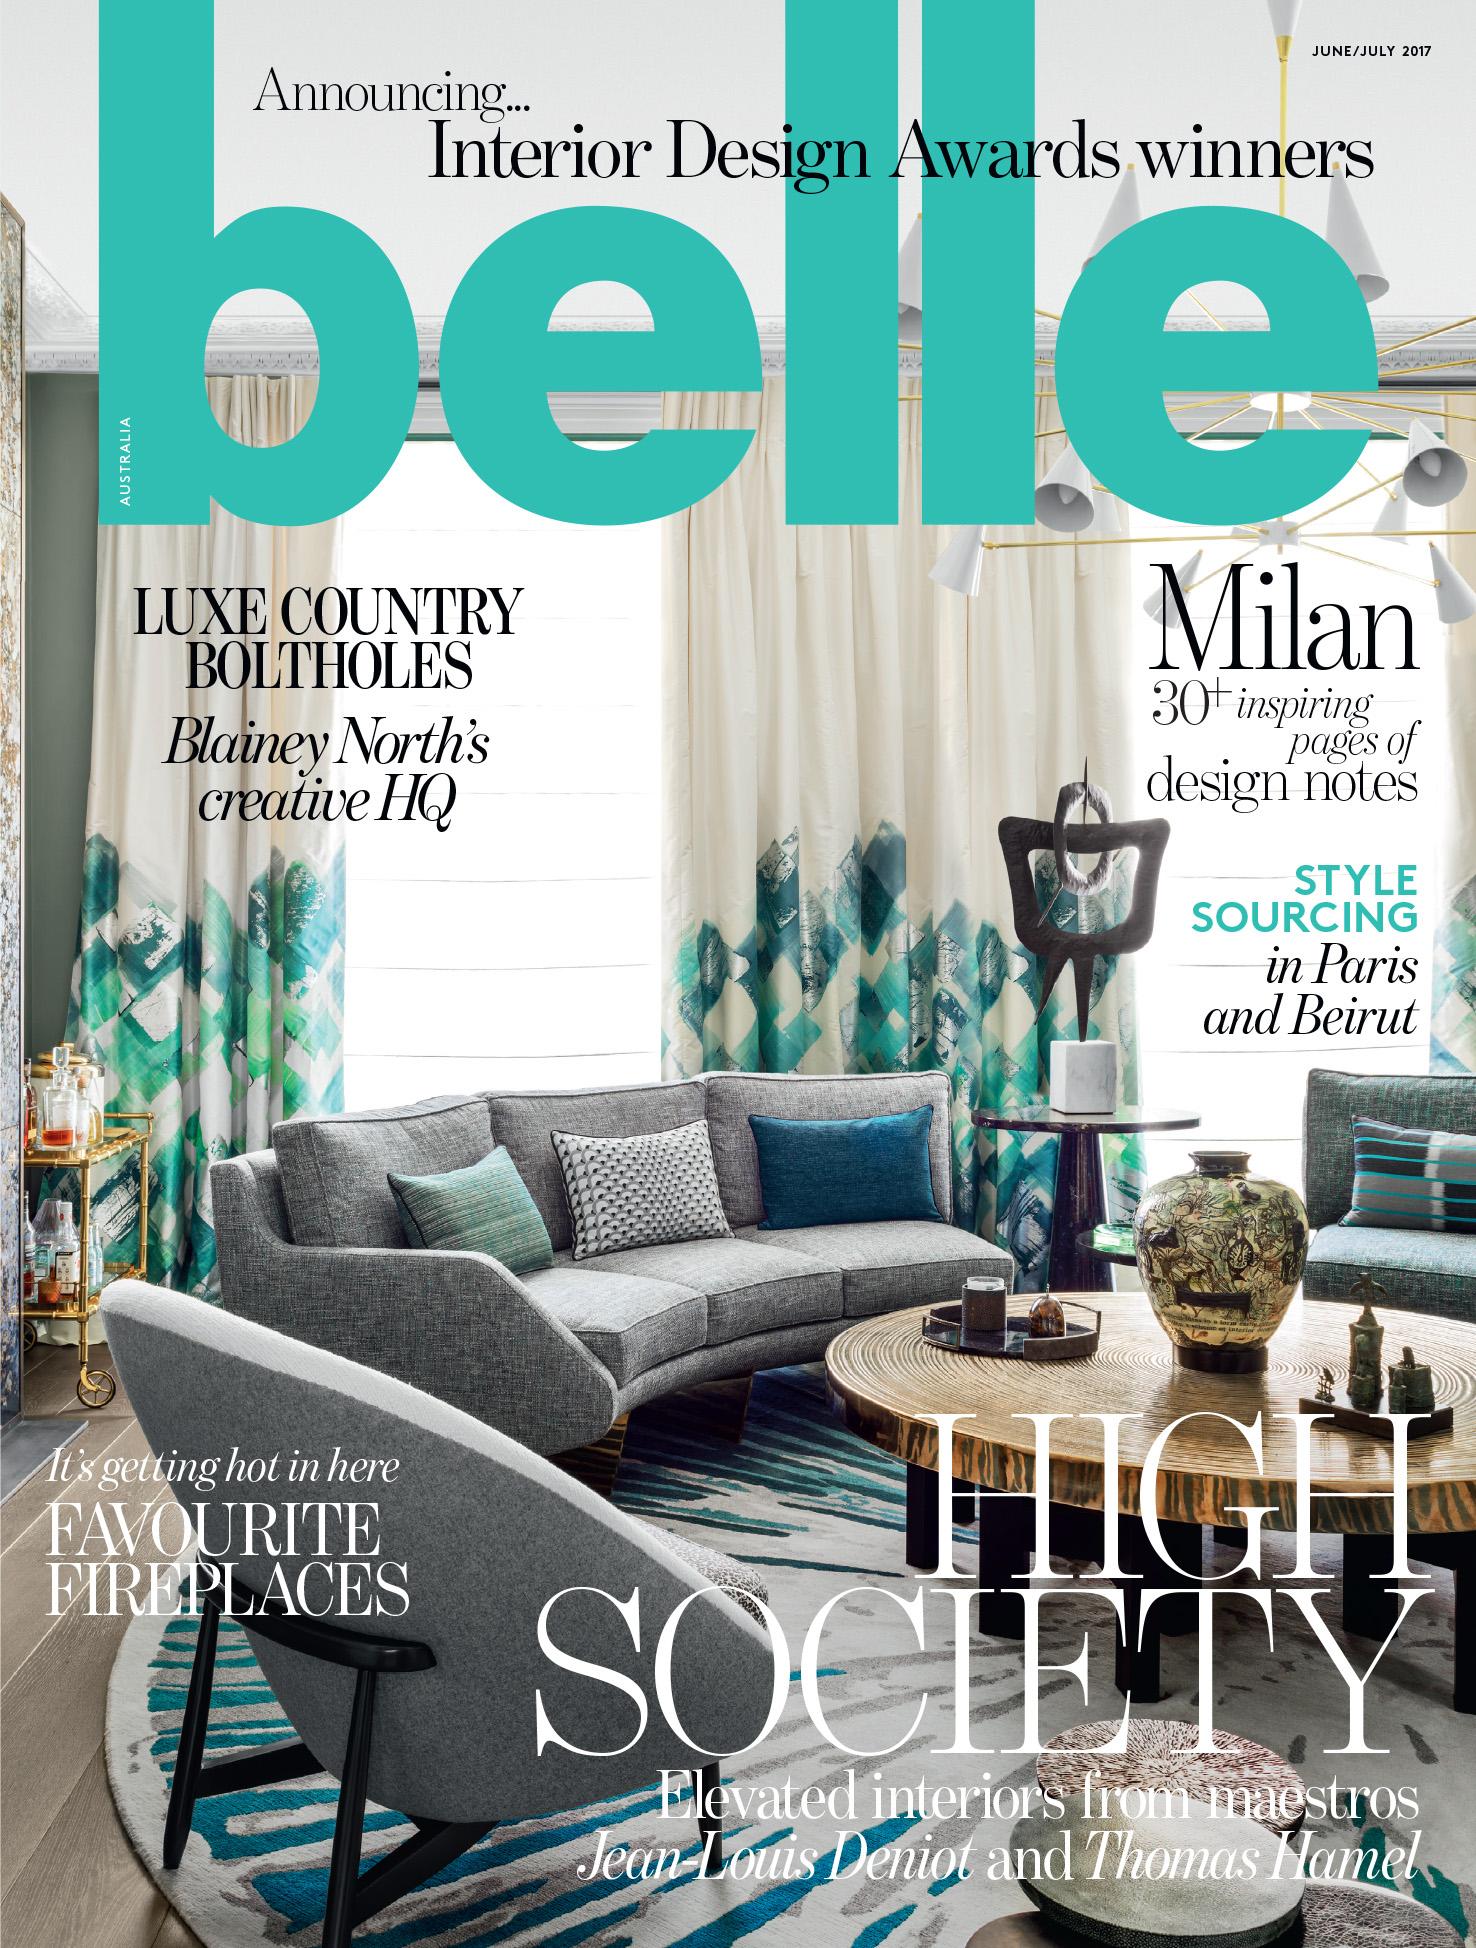 Belle June-July 2017, Cover.jpg